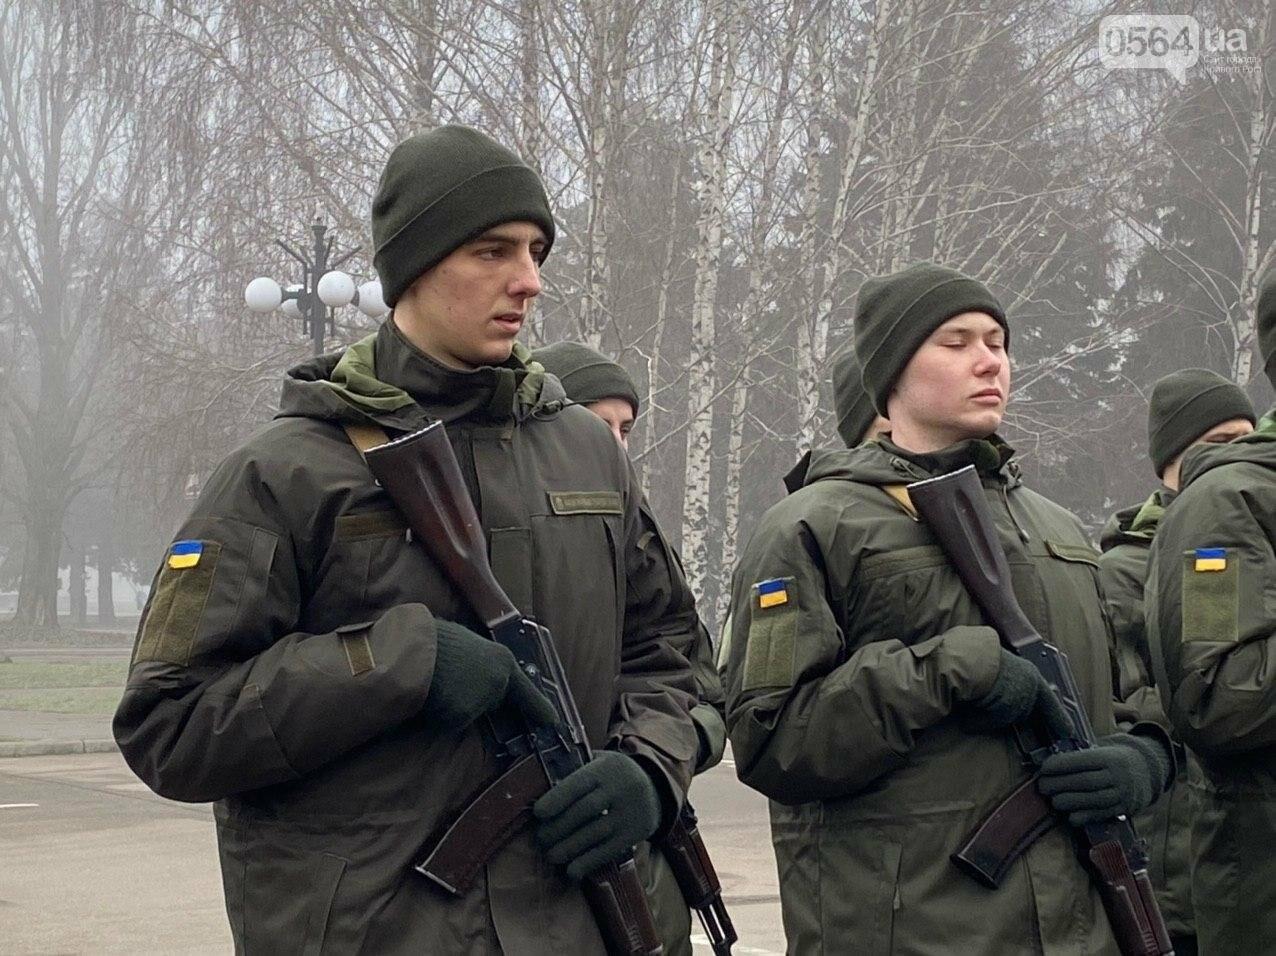 В Кривом Роге на верность украинскому народу присягнули 43 нацгвардейца, - ФОТО, ВИДЕО , фото-3